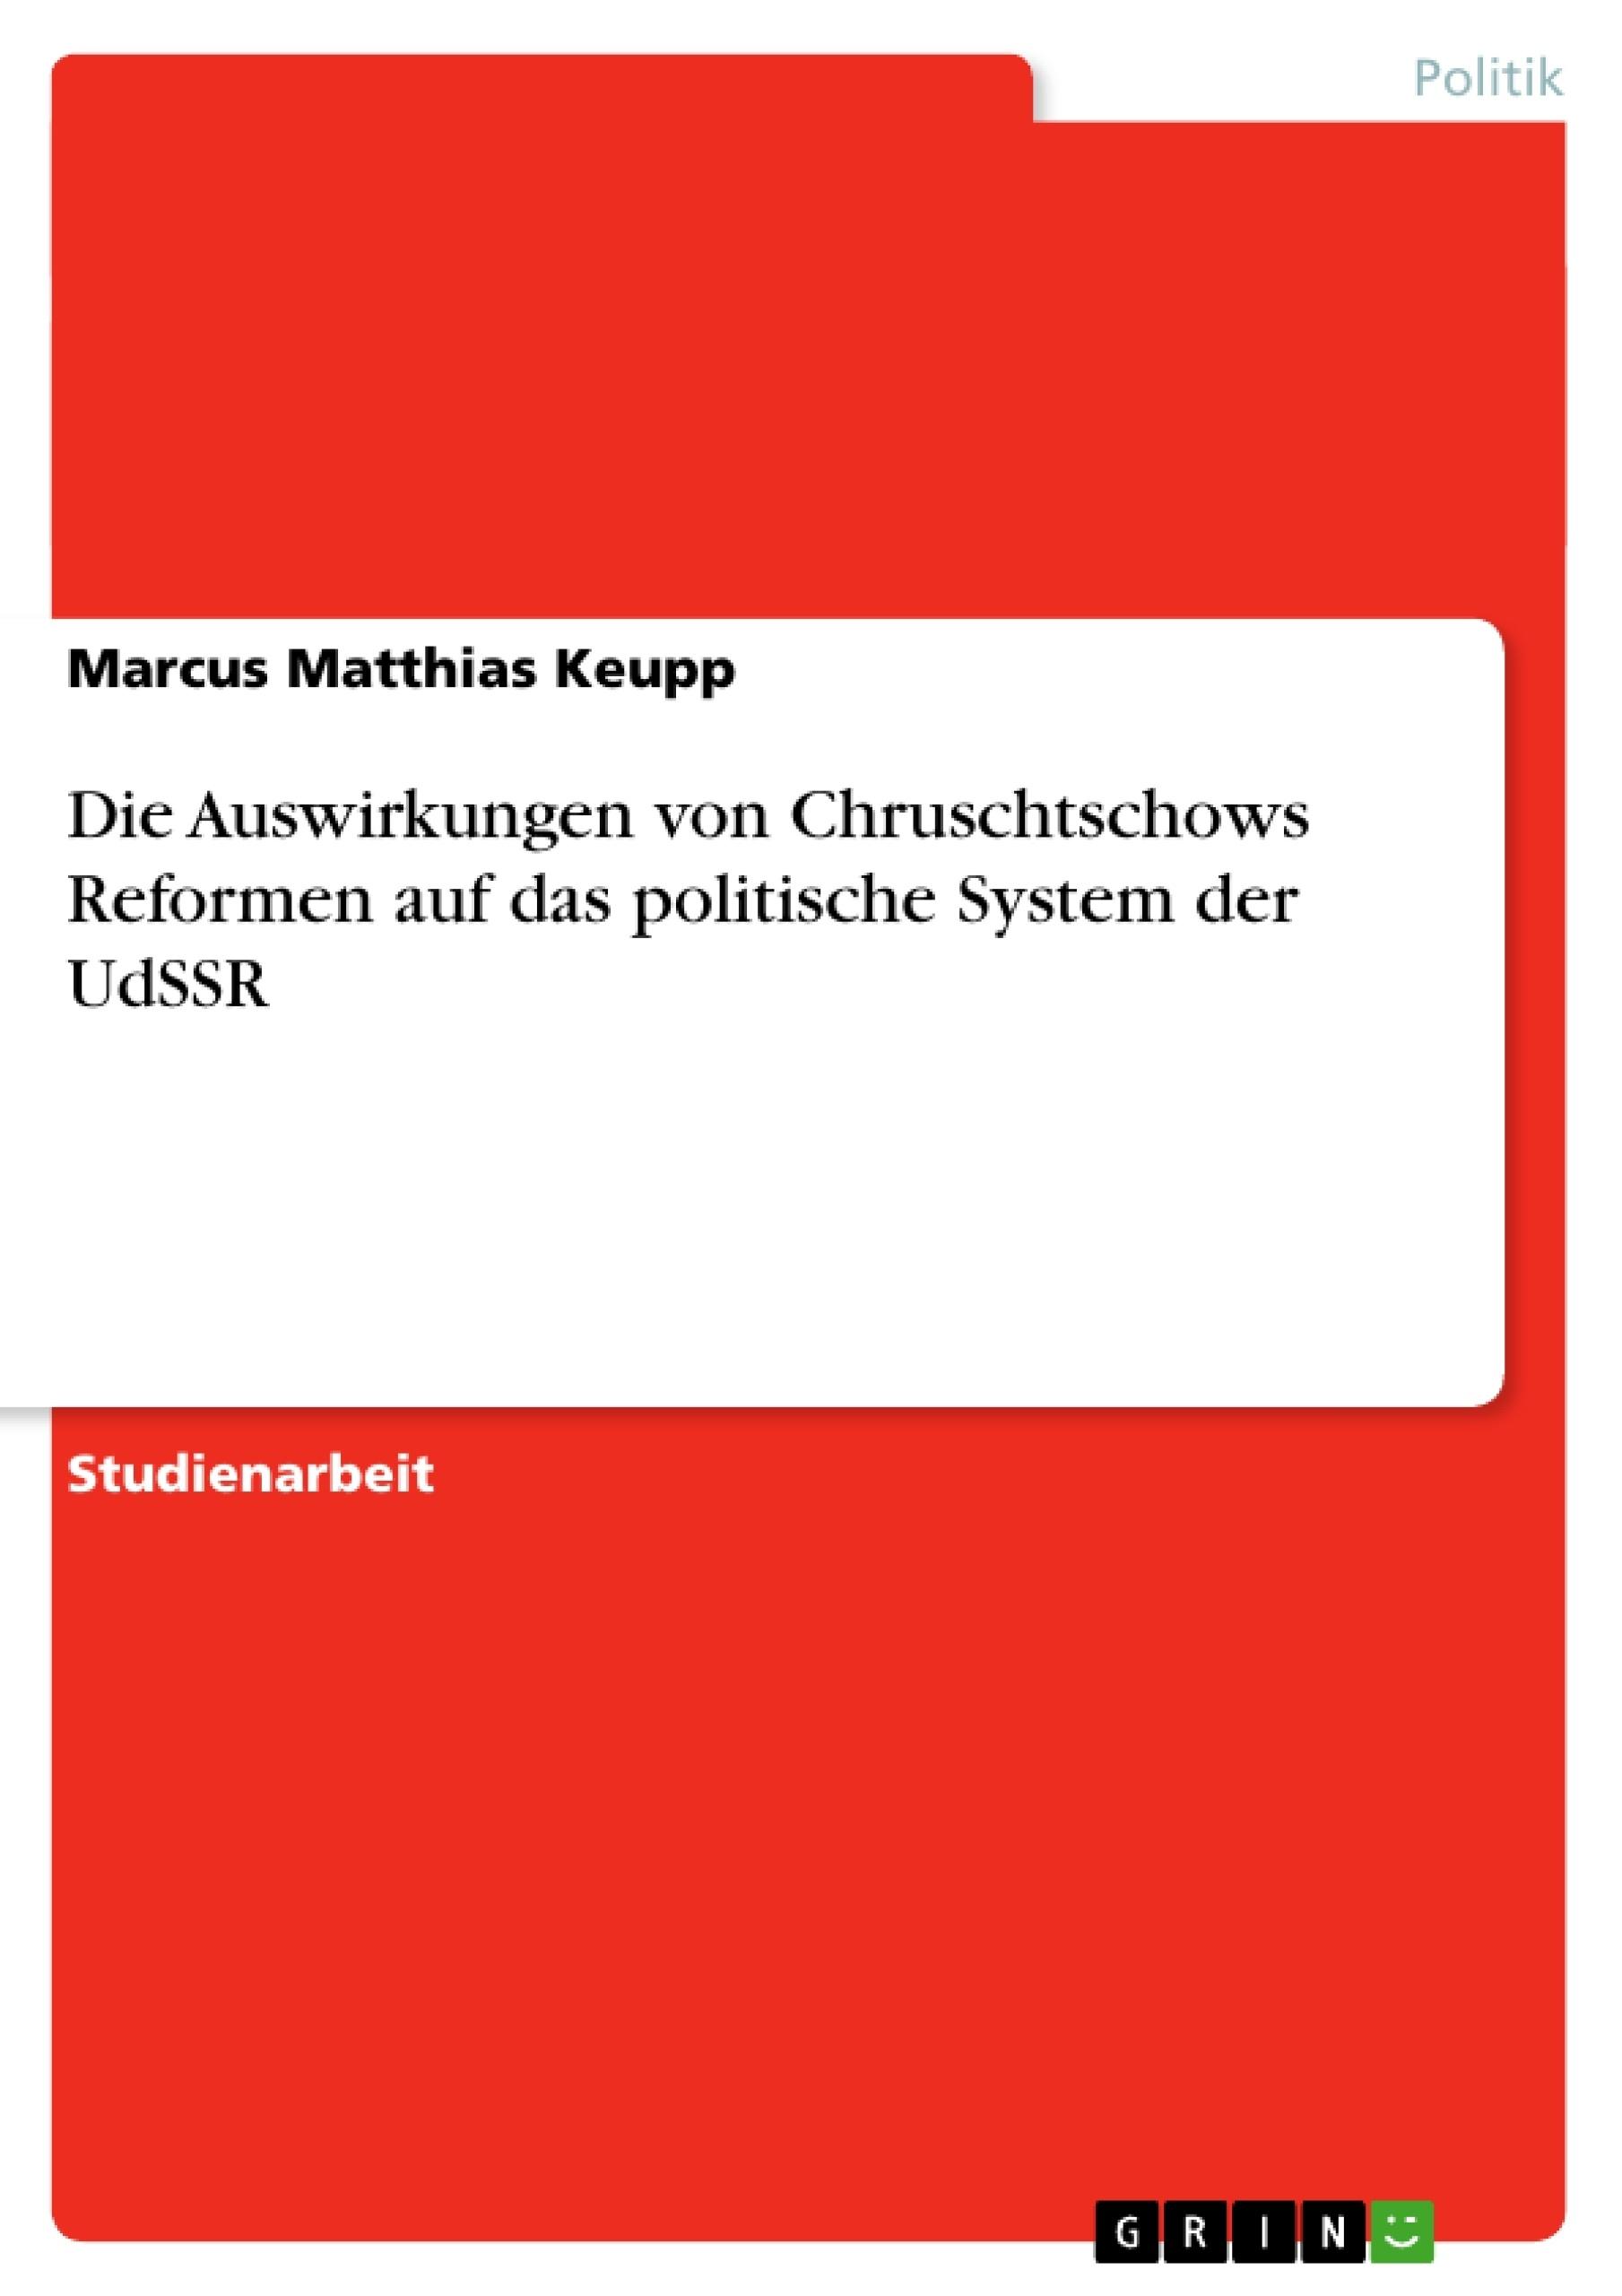 Titel: Die Auswirkungen von Chruschtschows Reformen auf das politische System der UdSSR